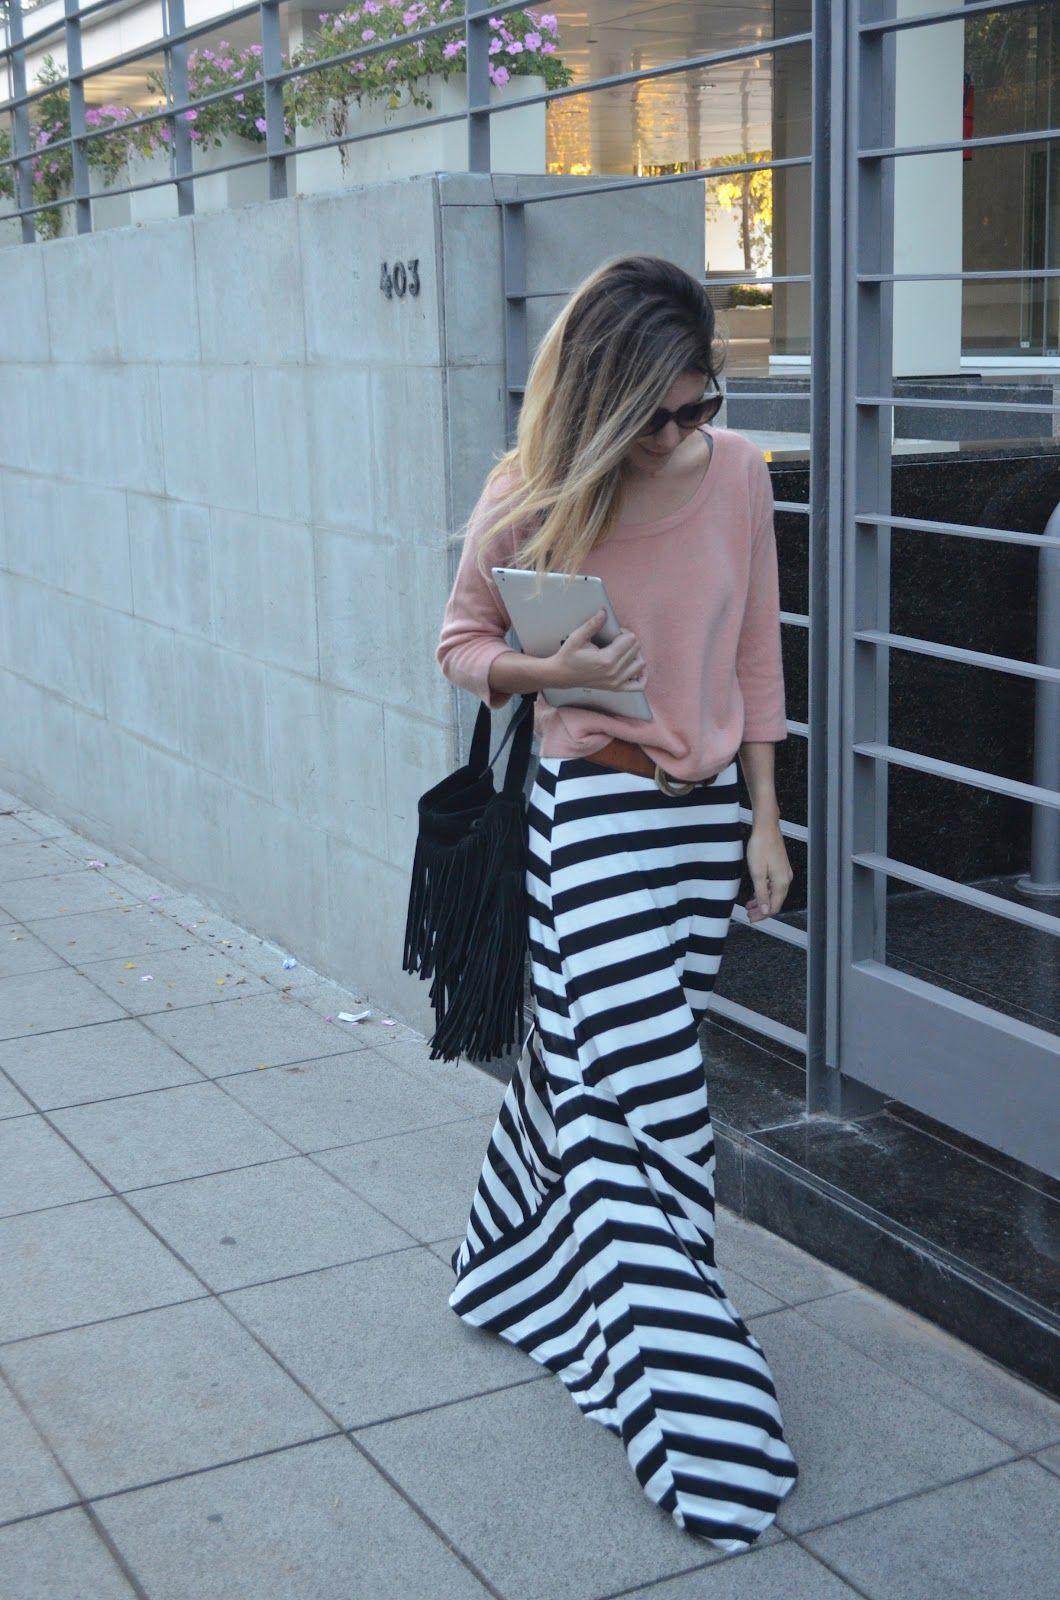 905c23980 Maxi falda a rayas con top palo de Rosa! hermoso! #maxifalda #pink ...